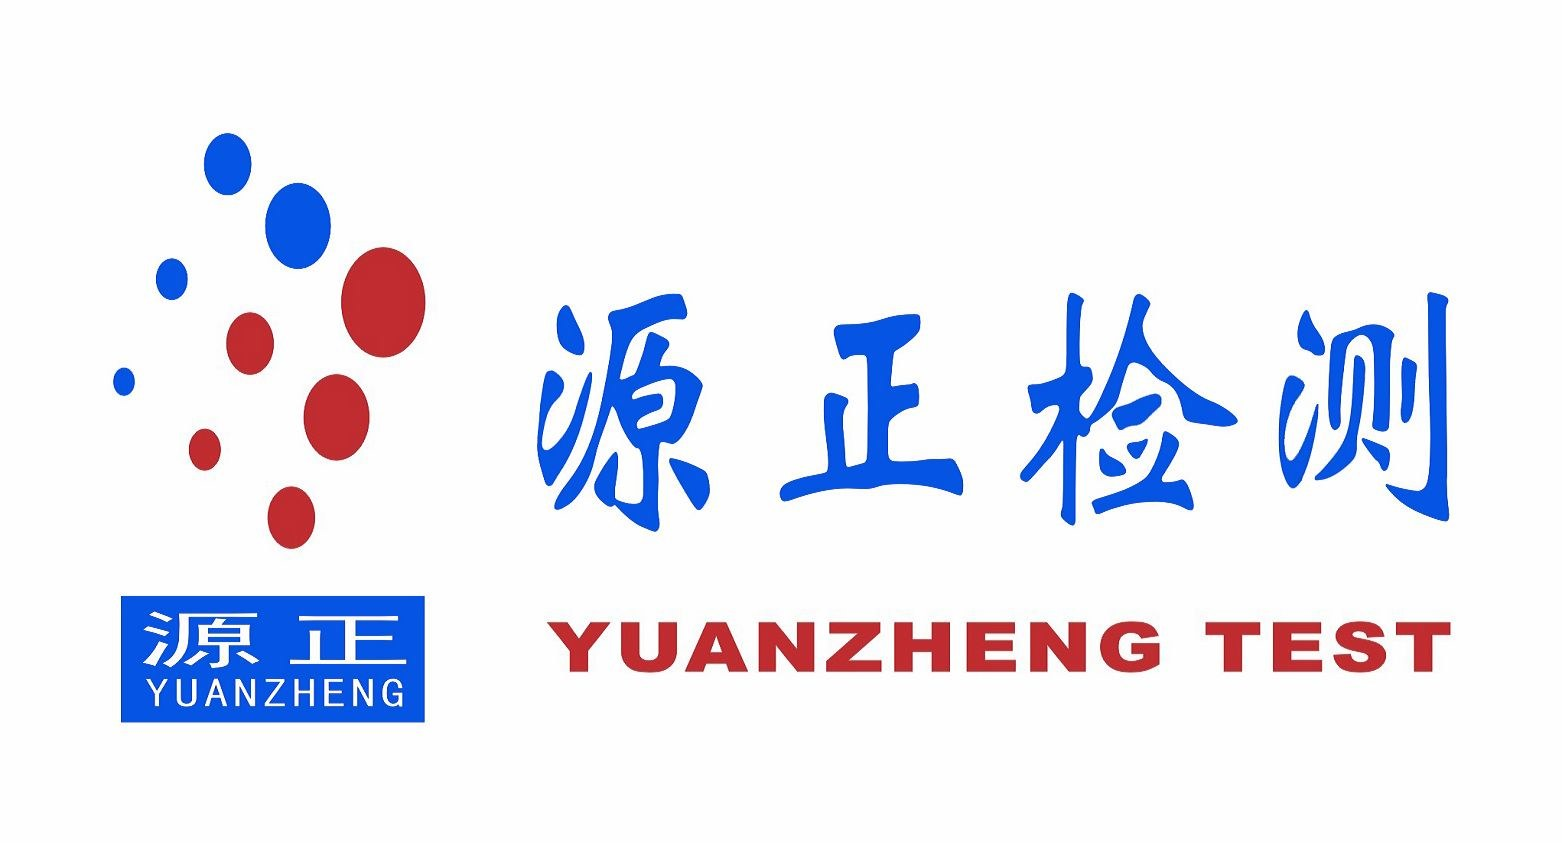 上海源正科技有限责任公司最新招聘信息